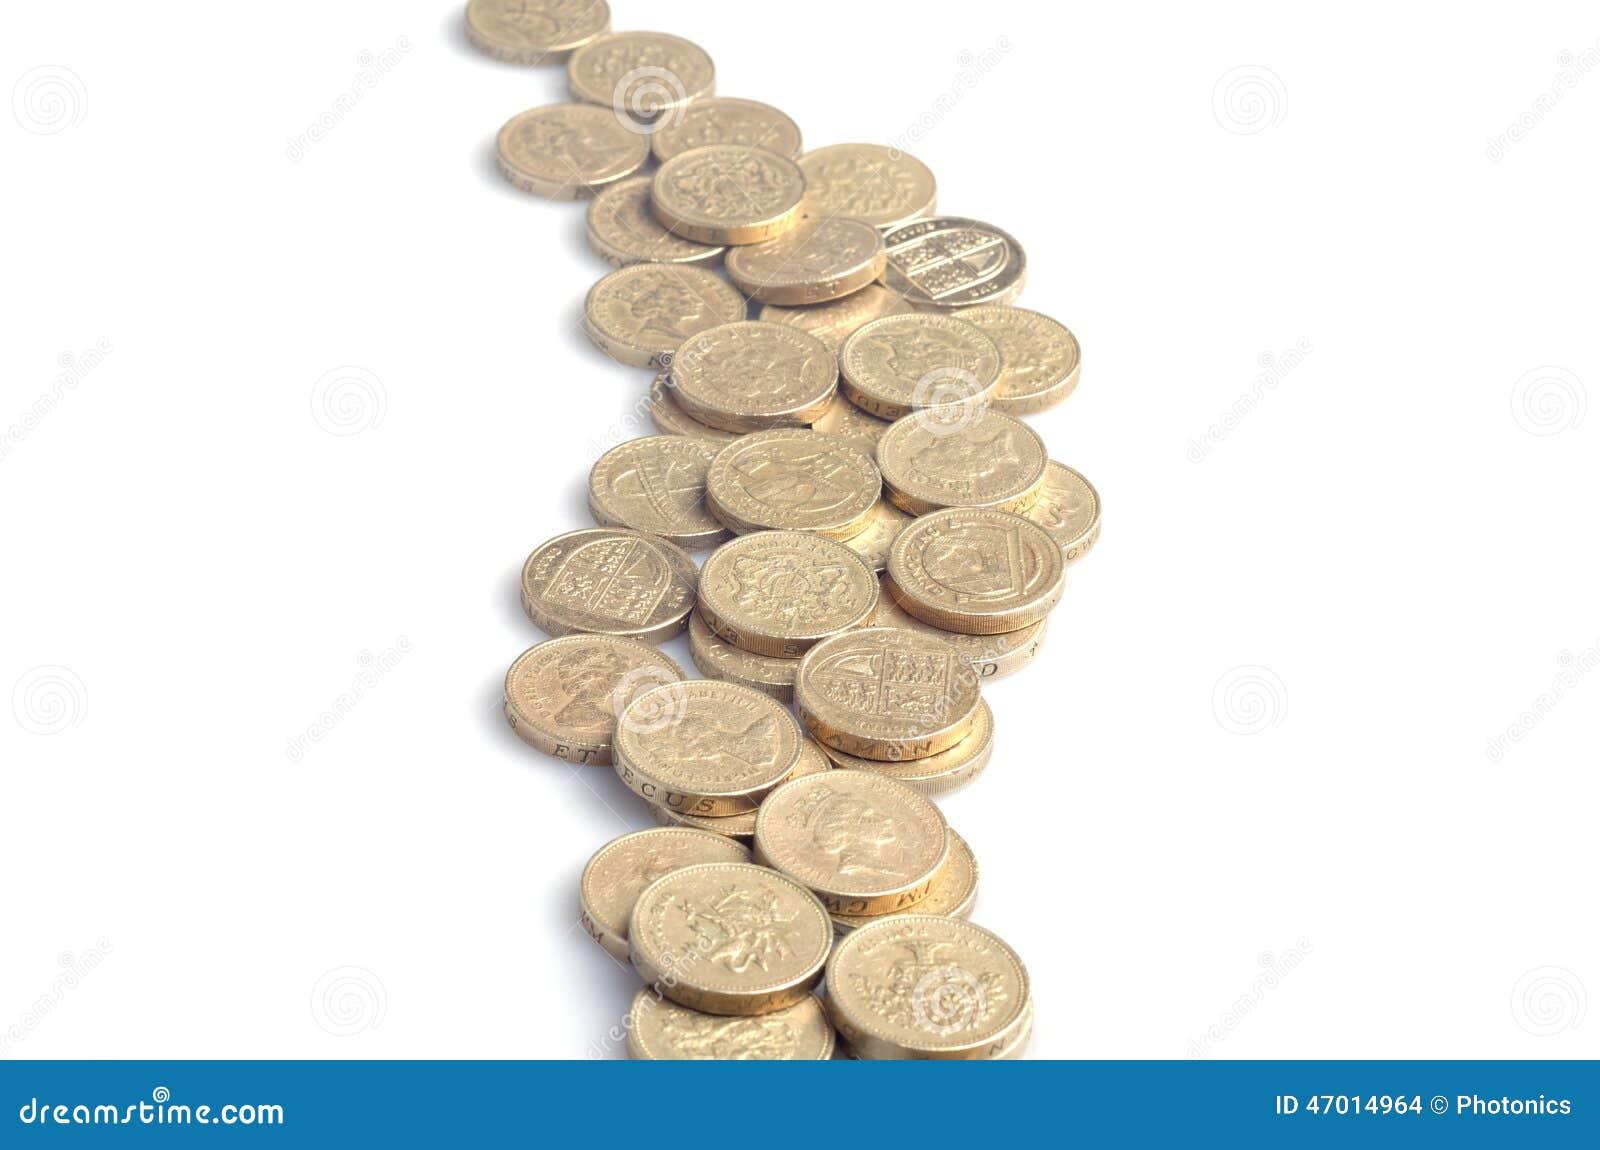 Stream of Money